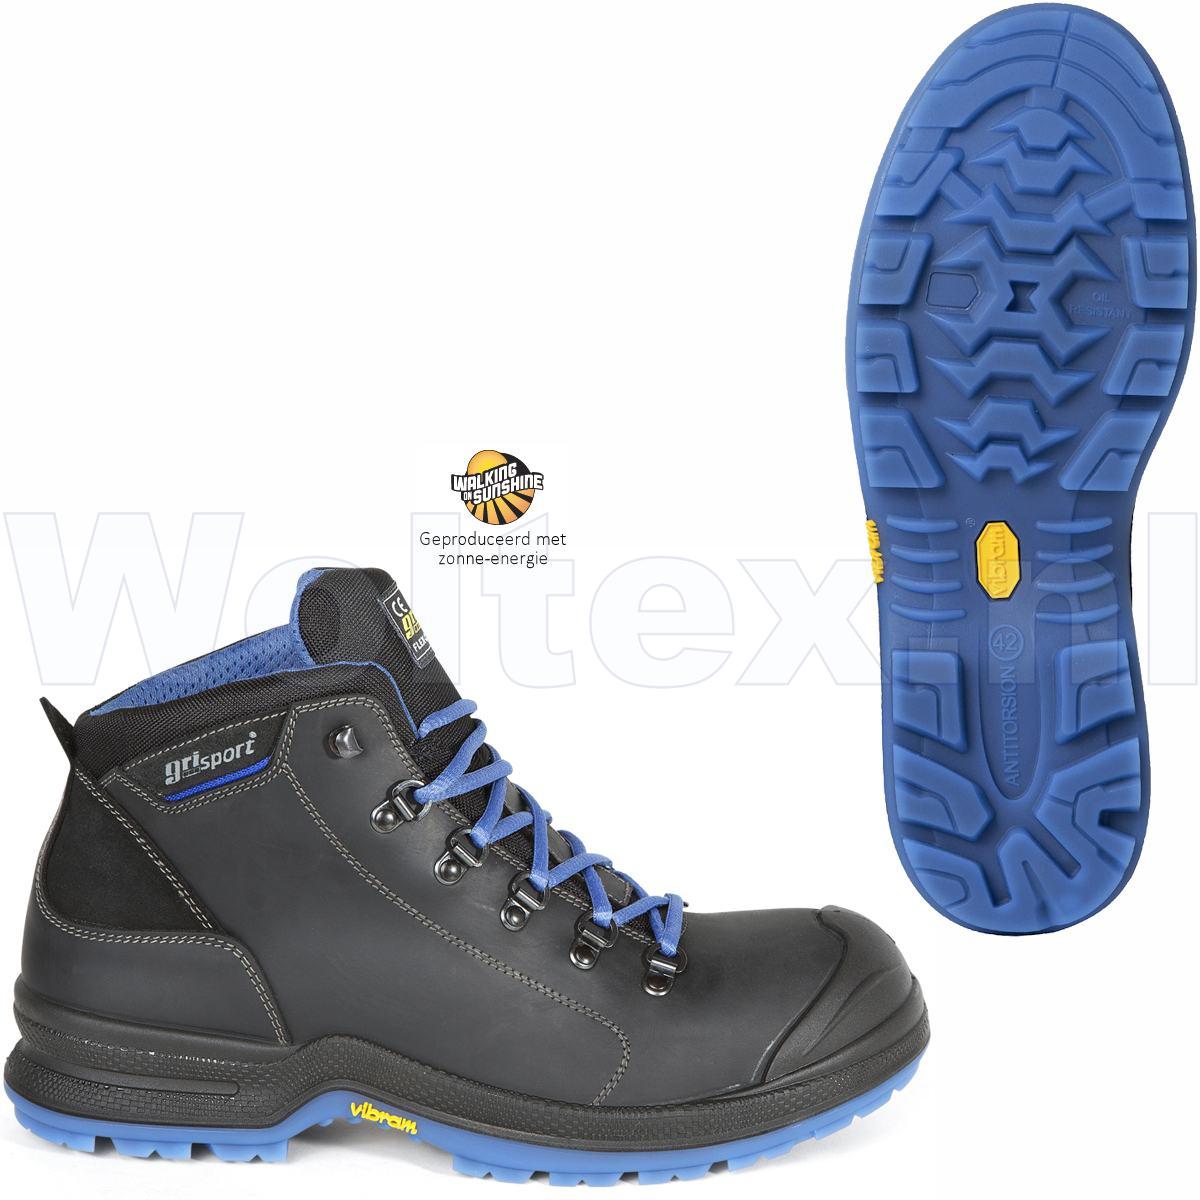 Werkschoenen Hoog.Grisport Bionik S3 Werkschoenen Hoog Model Data Beschermende Neus